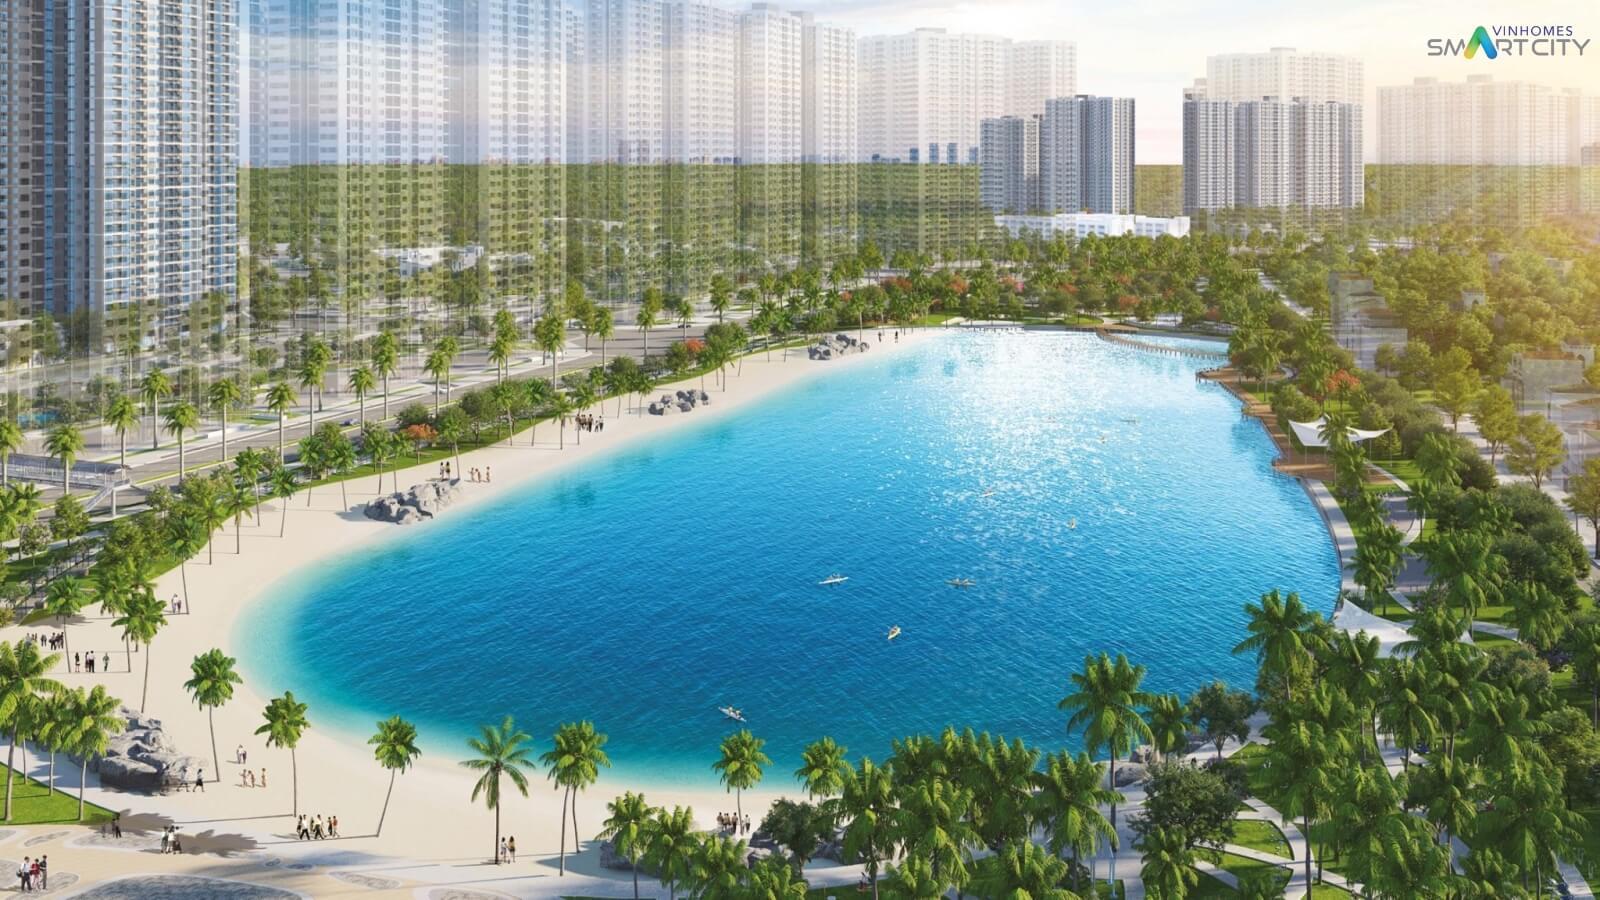 Vinhomes Smart City - Đô thị đẳng cấp Singapore